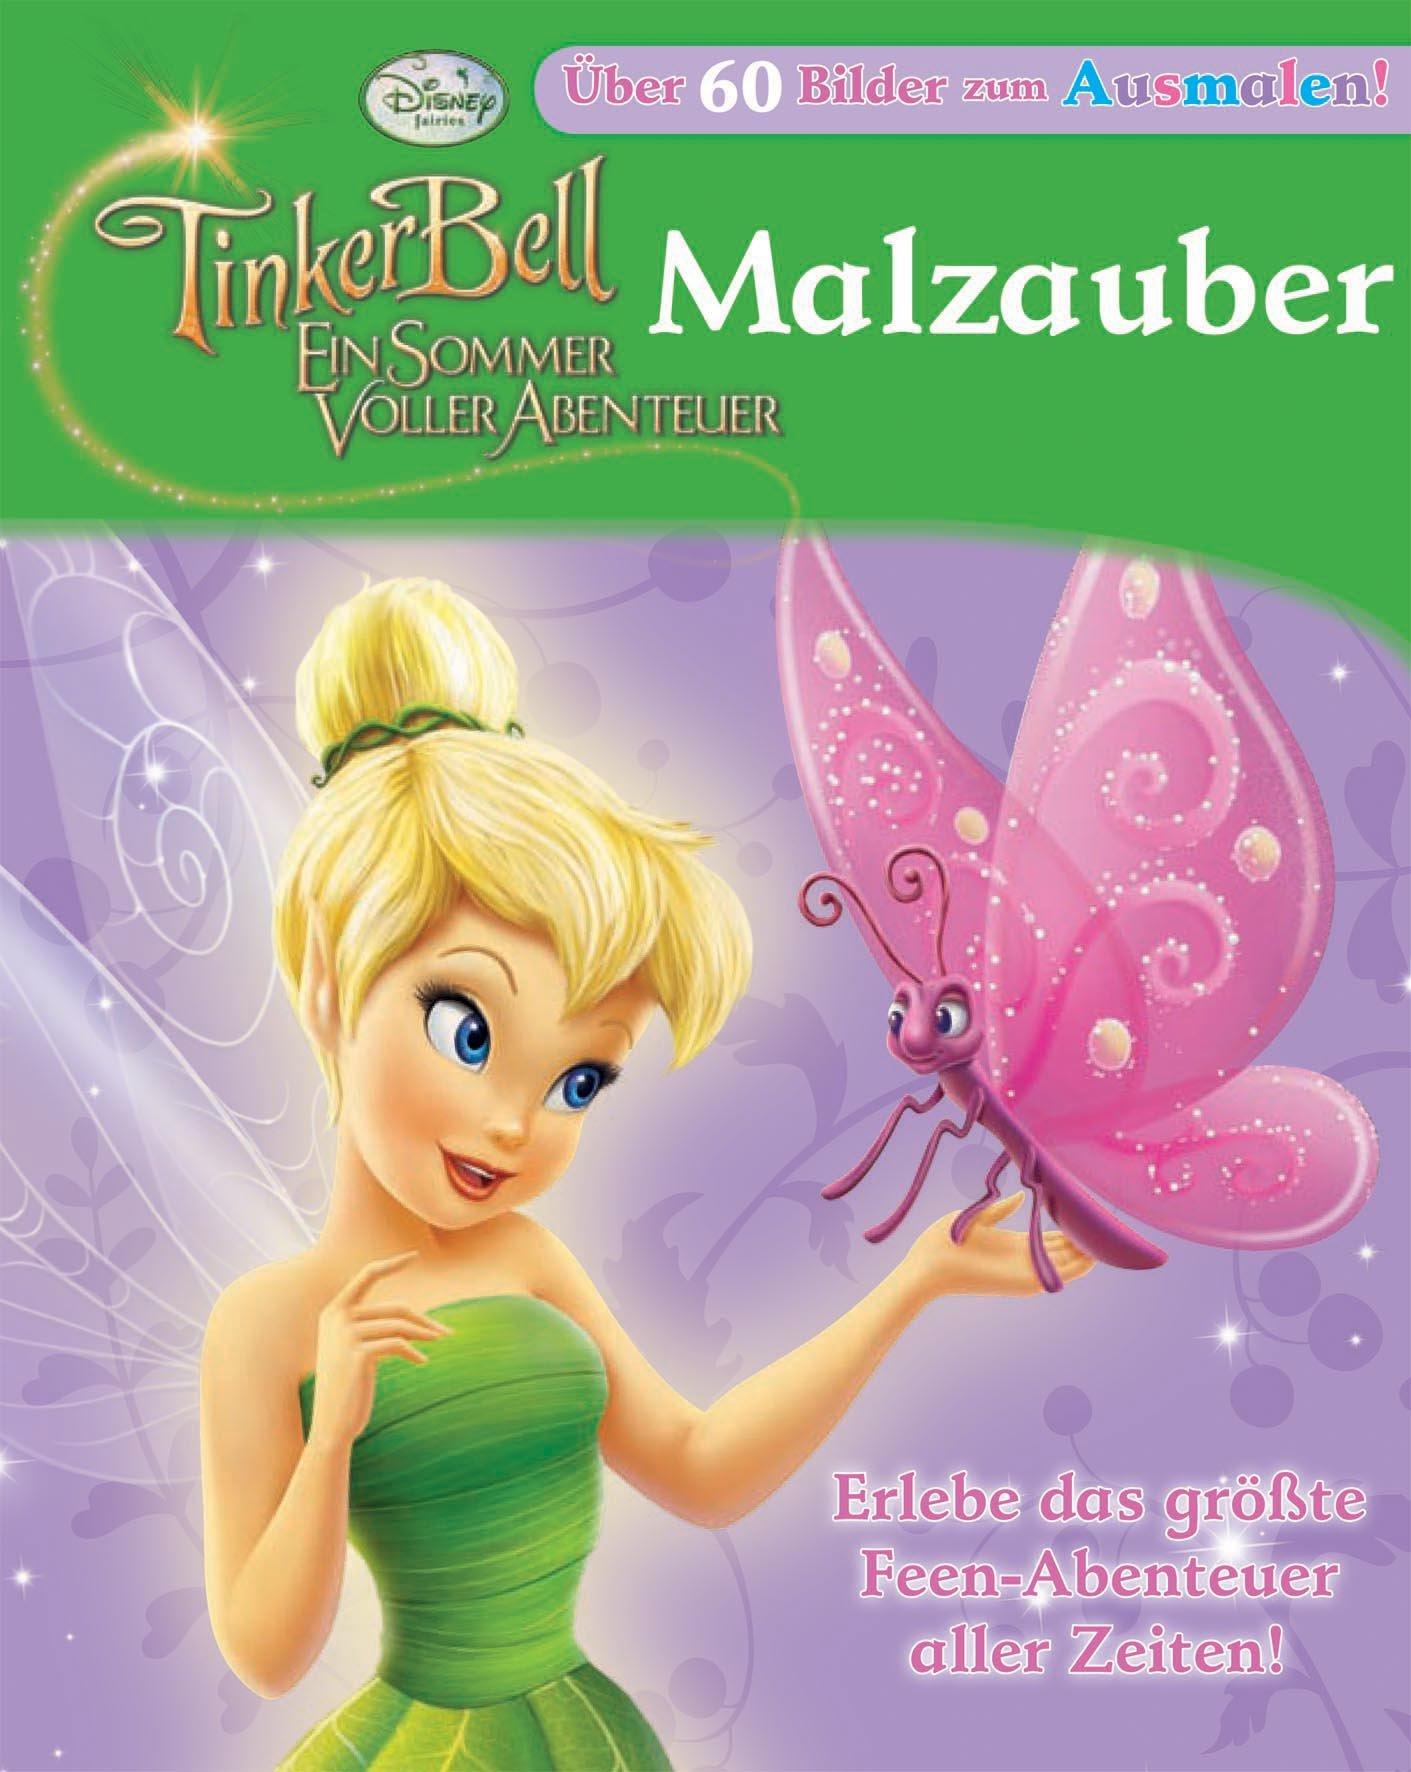 Ausmalbilder Tinkerbell Ein Sommer Voller Abenteuer : Tinkerbell 3 Malen Tinkerbell Ein Sommer Voller Abenteuer